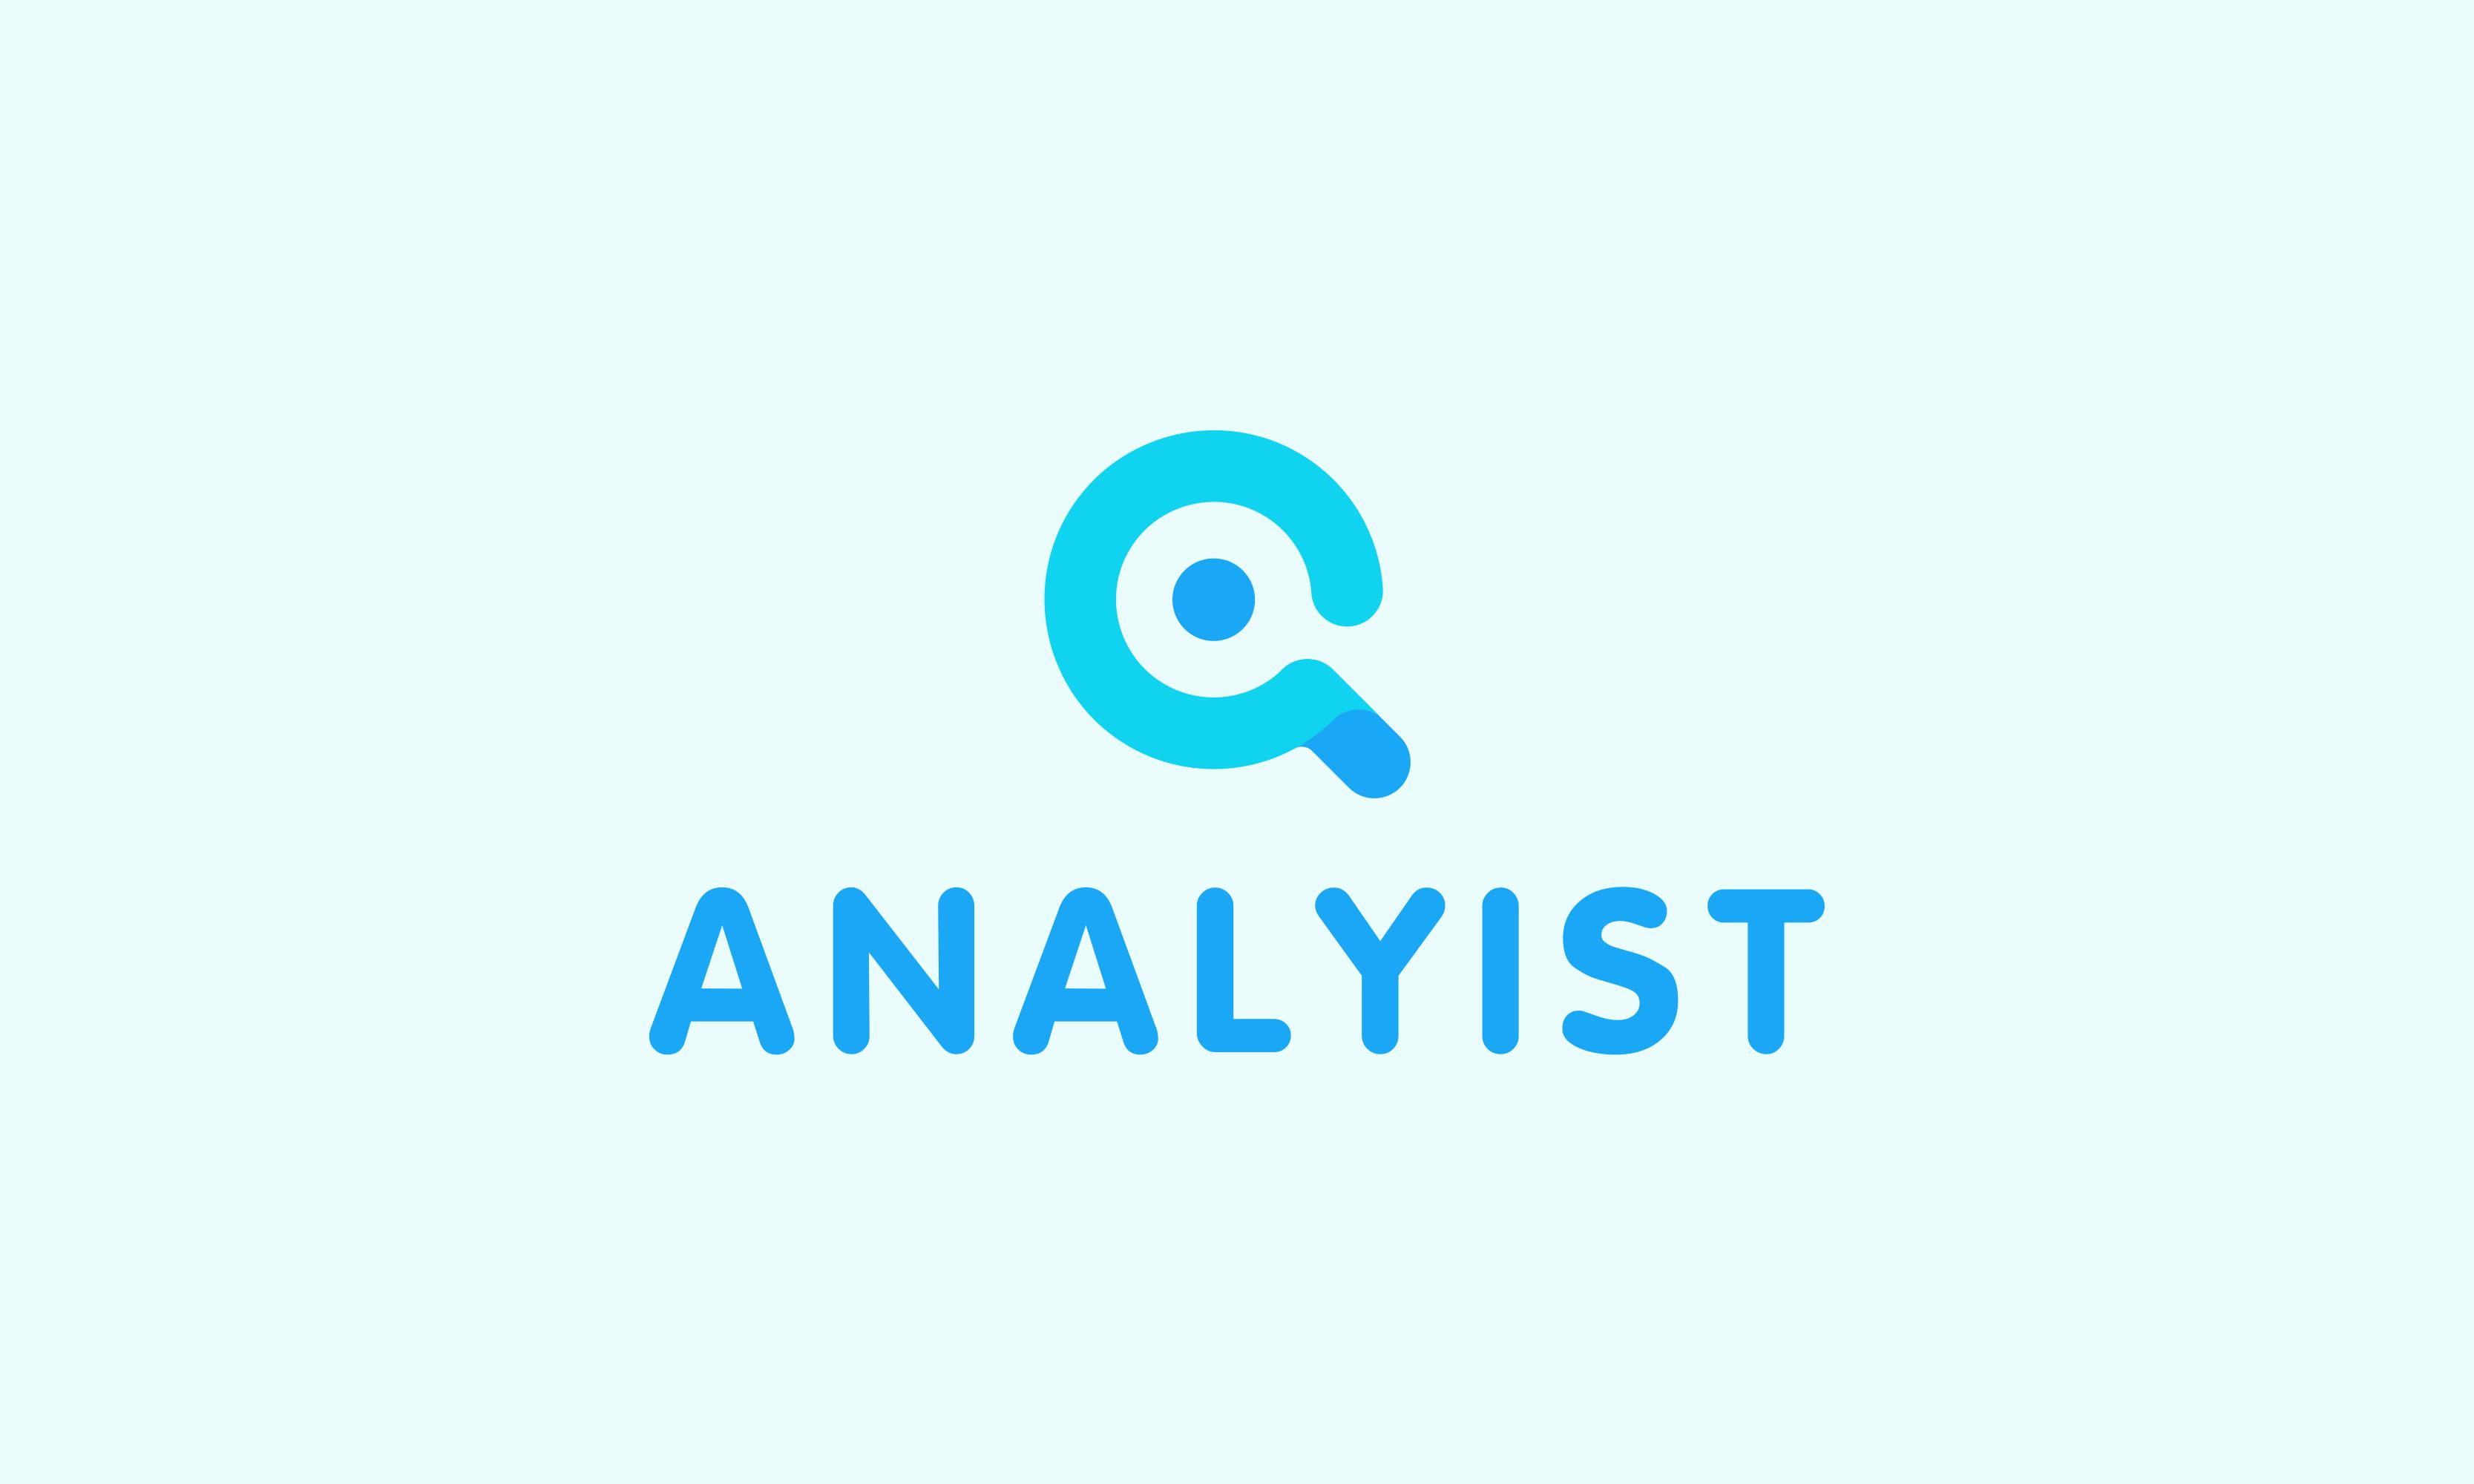 Analyist